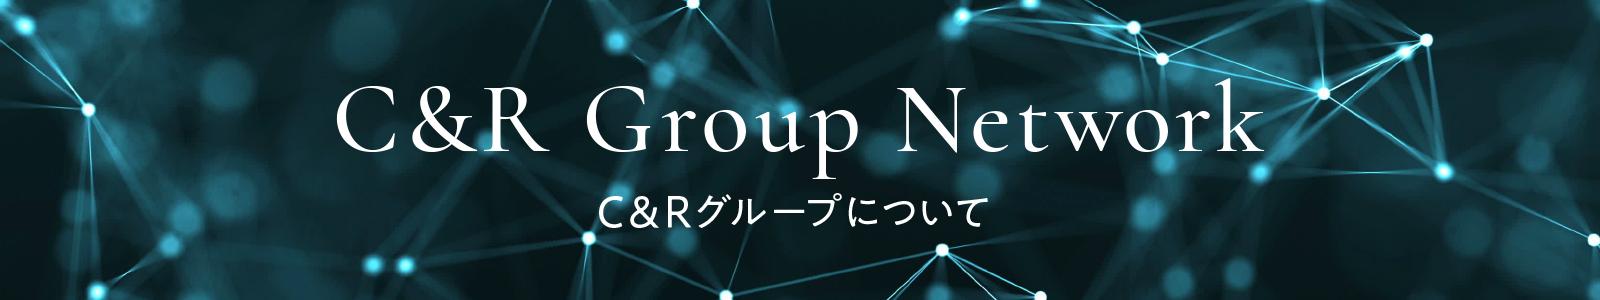 C&Rグループについて